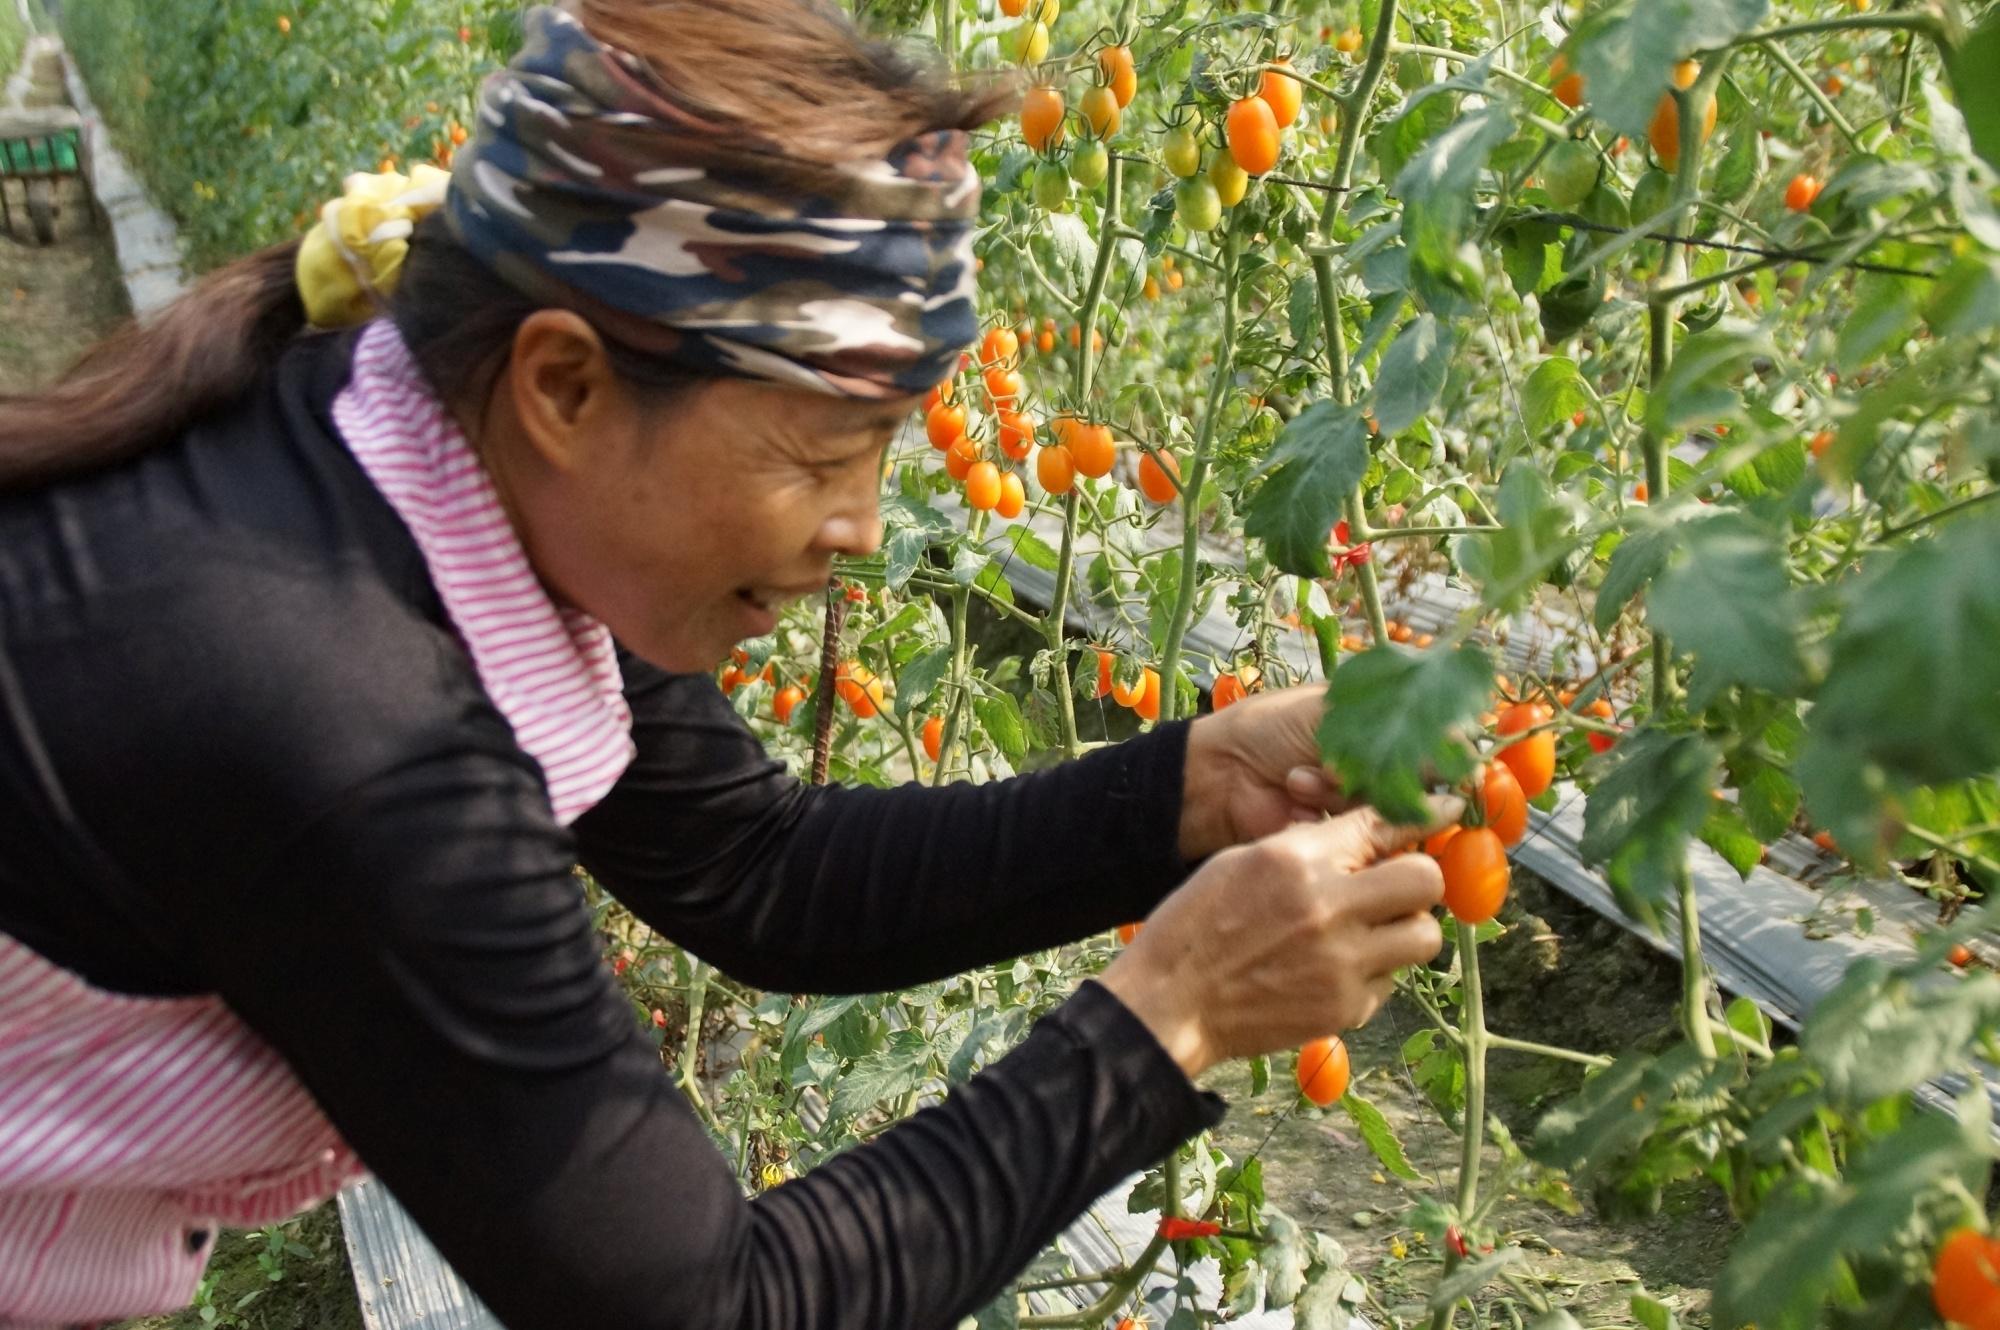 【ちょっとディープな台湾旅】高雄一日農夫ツアー Part 2 ~オレンジ一色プチトマ ト狩り~